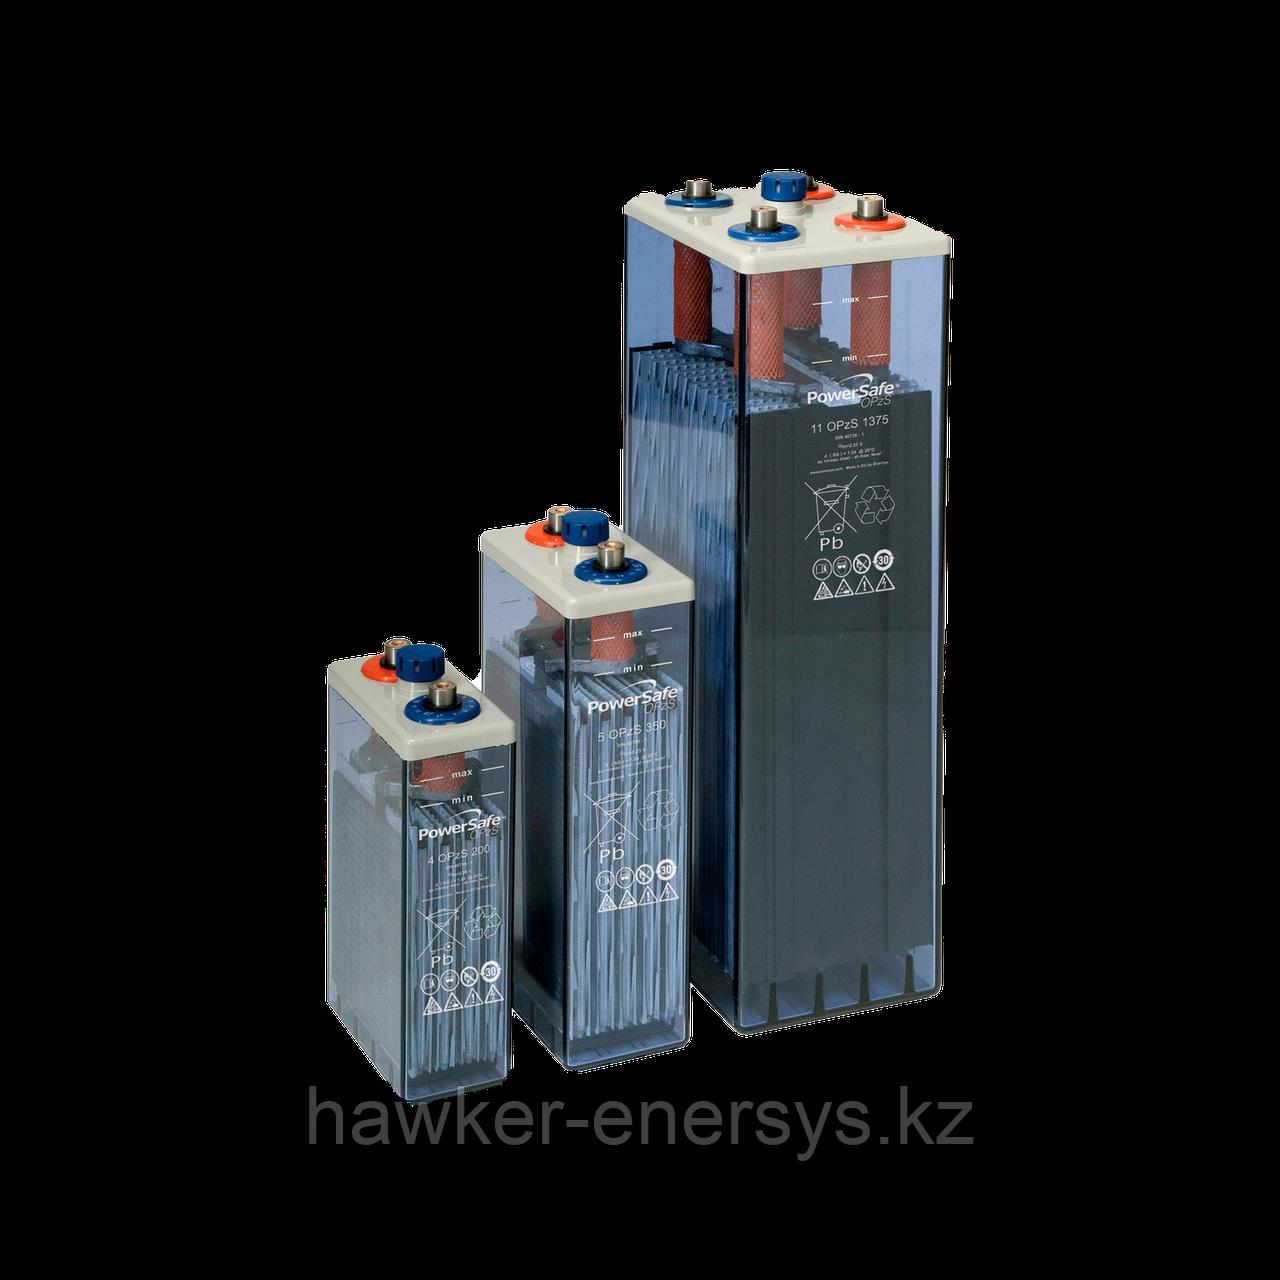 Аккумуляторная батарея PowerSafe 9 OPzS 900